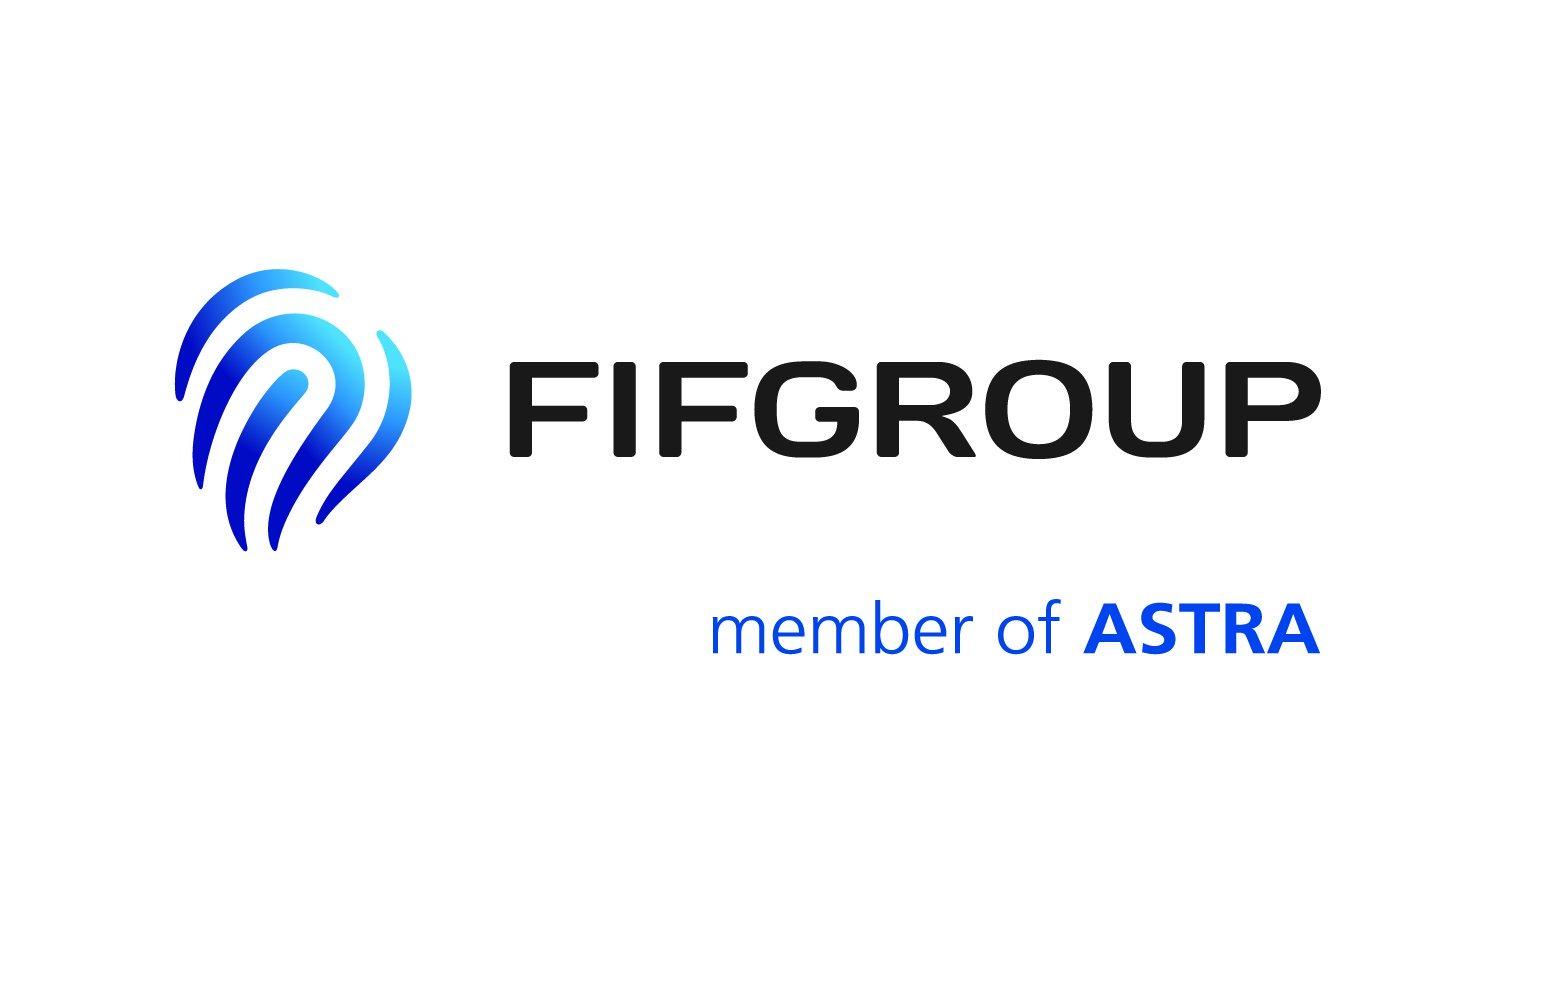 Lowongan Kerja Jepara terbaru 2020 di FIFGroup Jepara, posisi lowongan yang dibuka adalah sebagai berikut